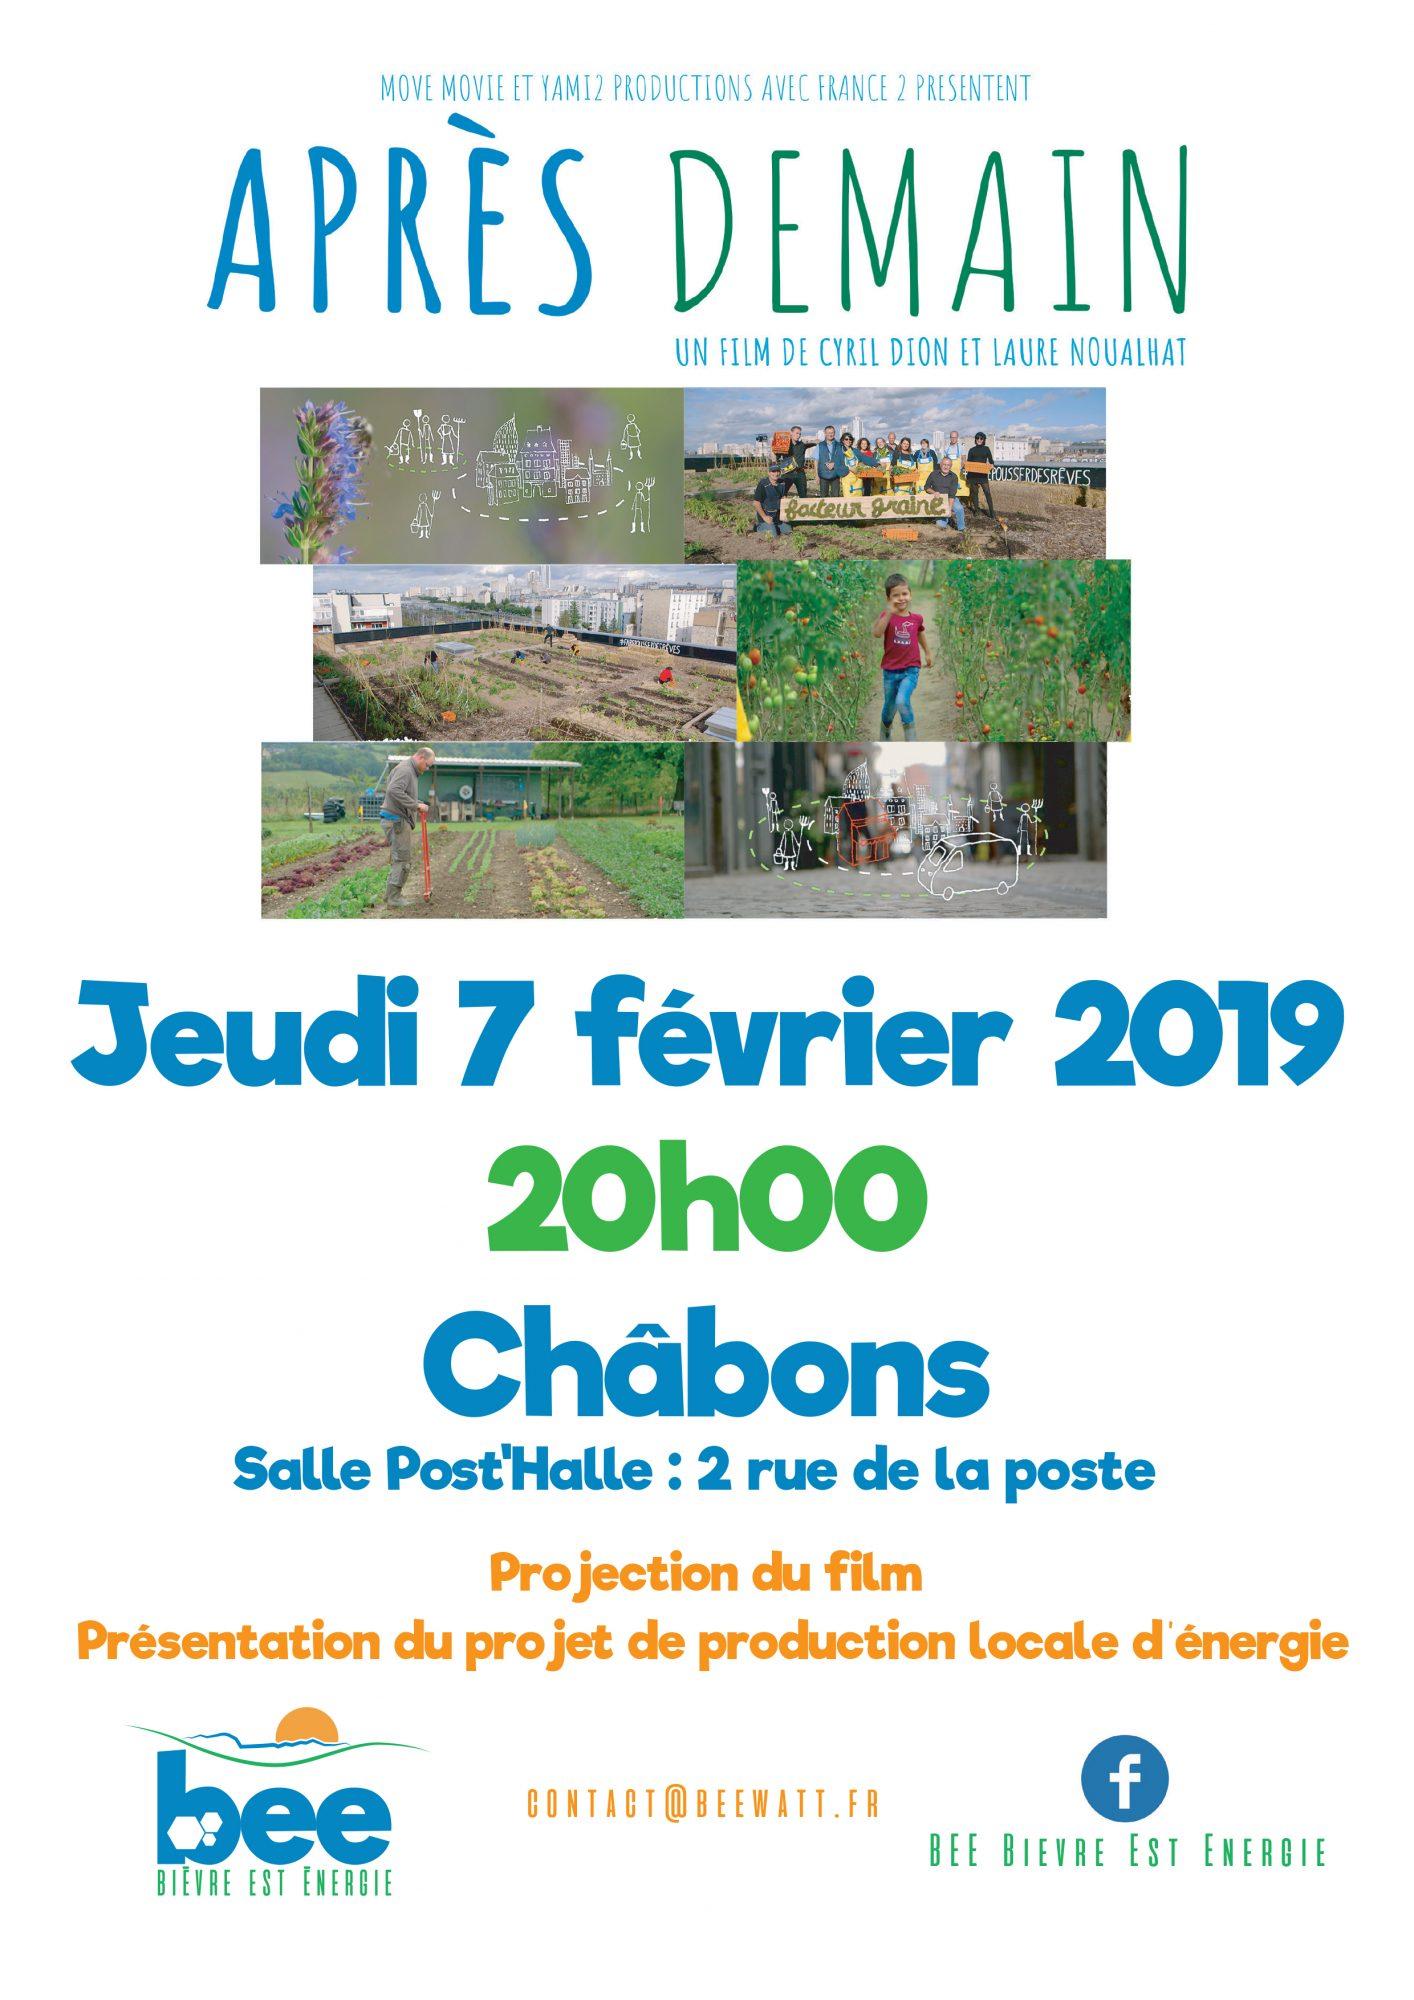 Projection du film Après-demain à Châbons